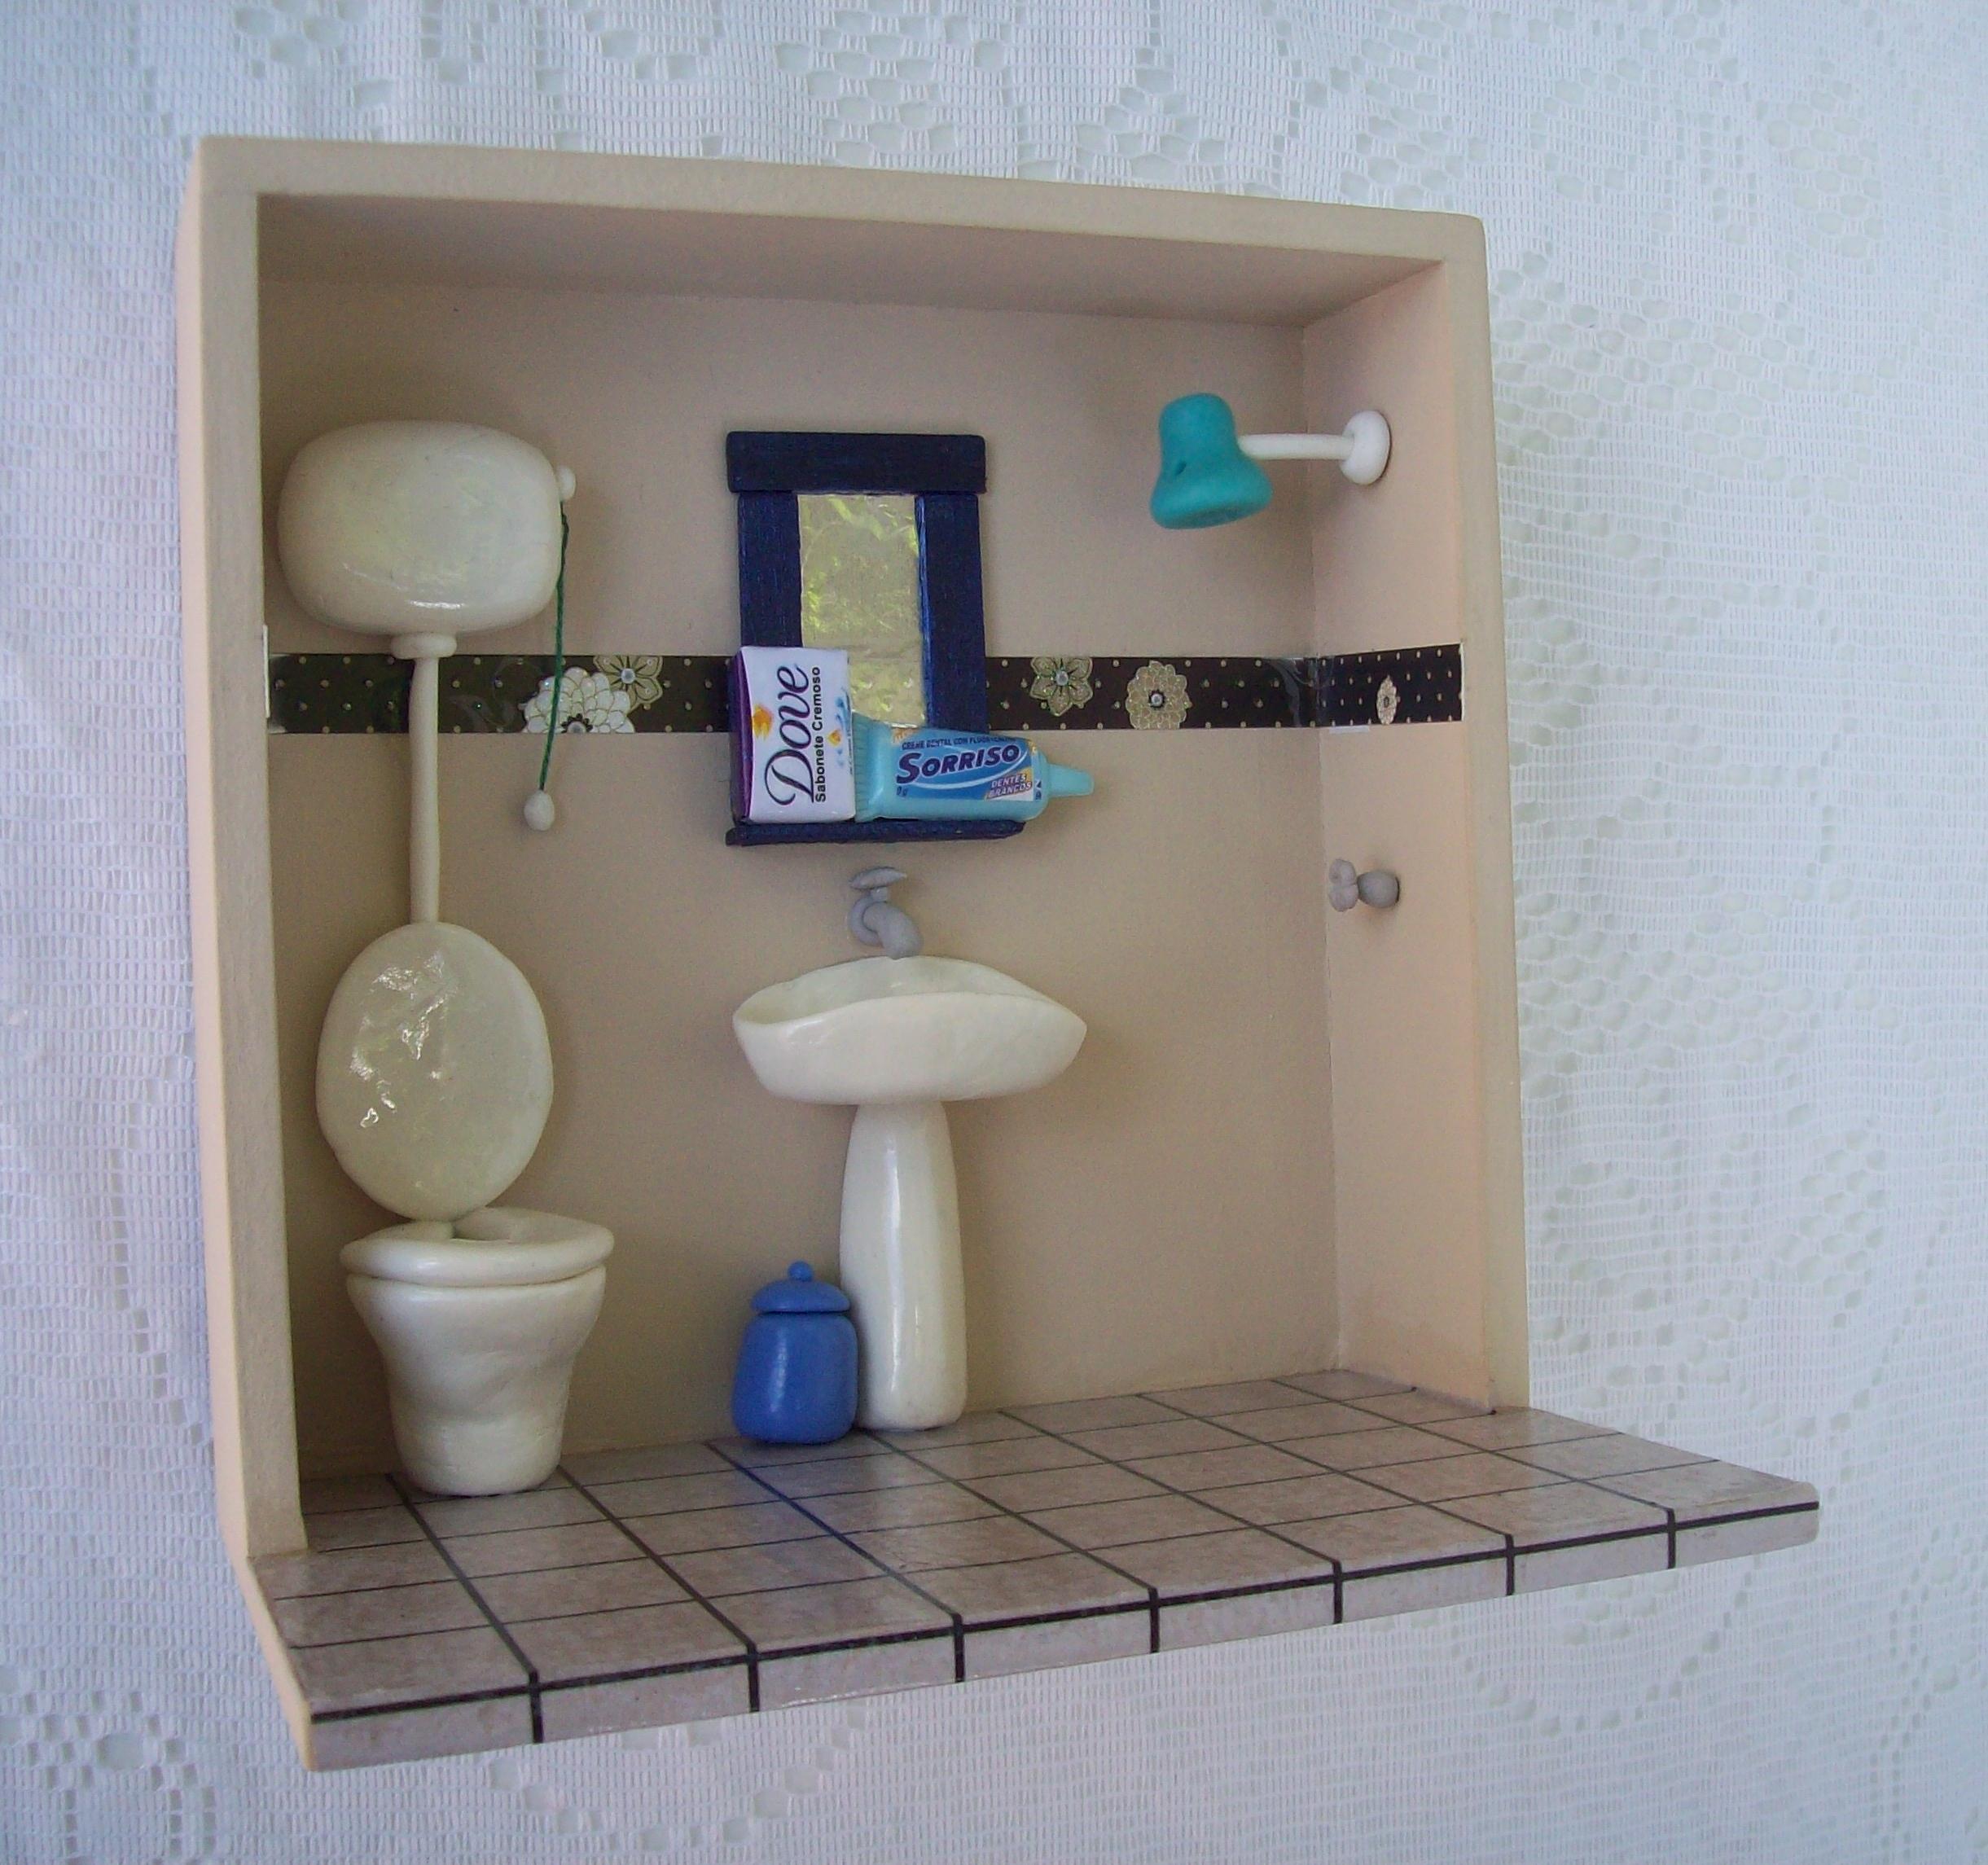 Banheiro Biscuit  Nossa Lojinha  Elo7 -> Cuba Banheiro Biscuit